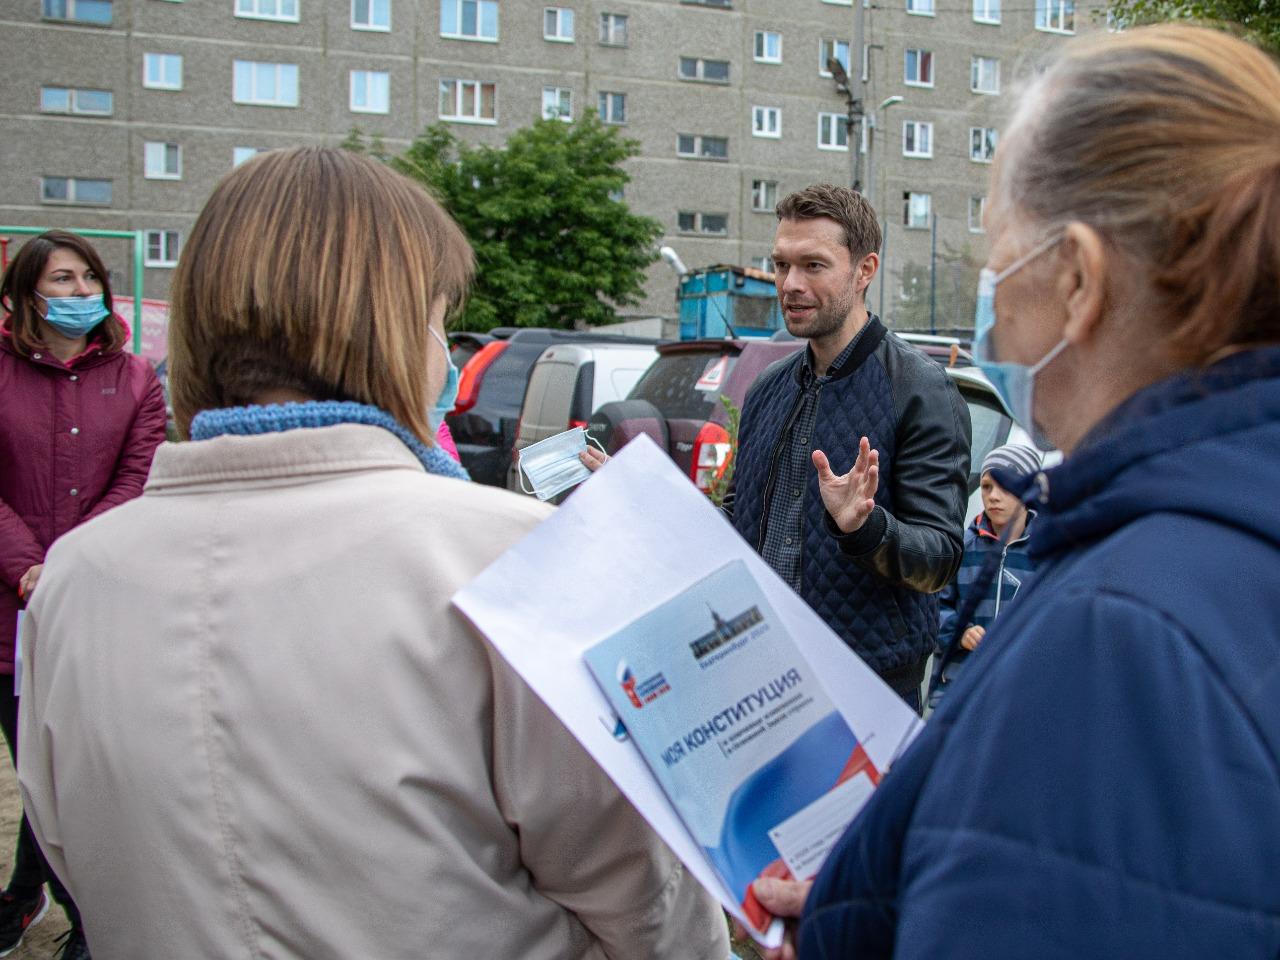 Ещё одна хорошая встреча во дворе #Екатеринбург#поправкивконституцию#ог66#АлексейВихарев